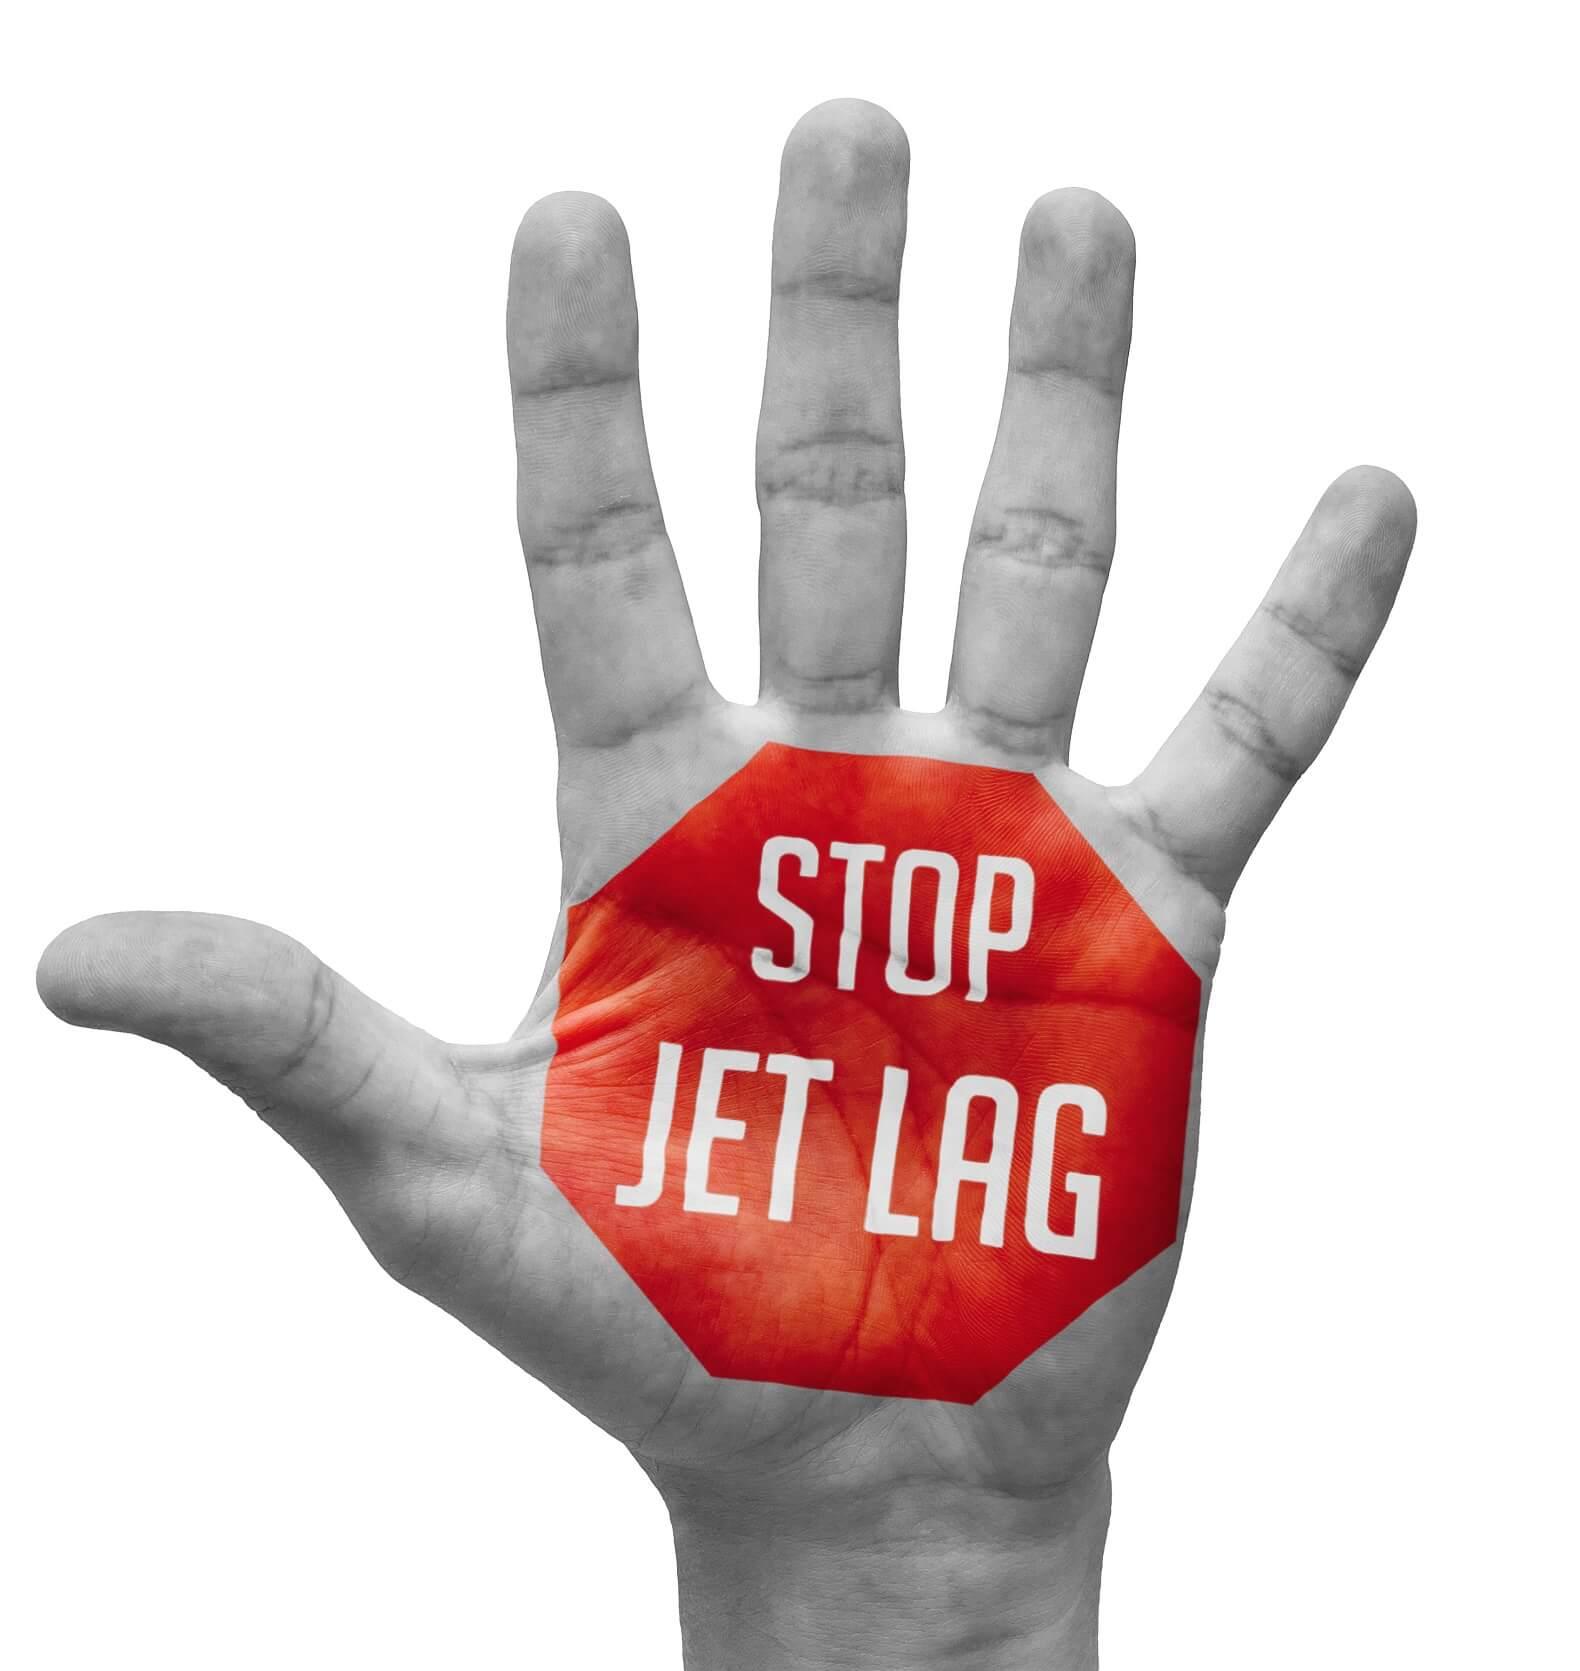 How long does jet lag last? Tips for beating jet lag